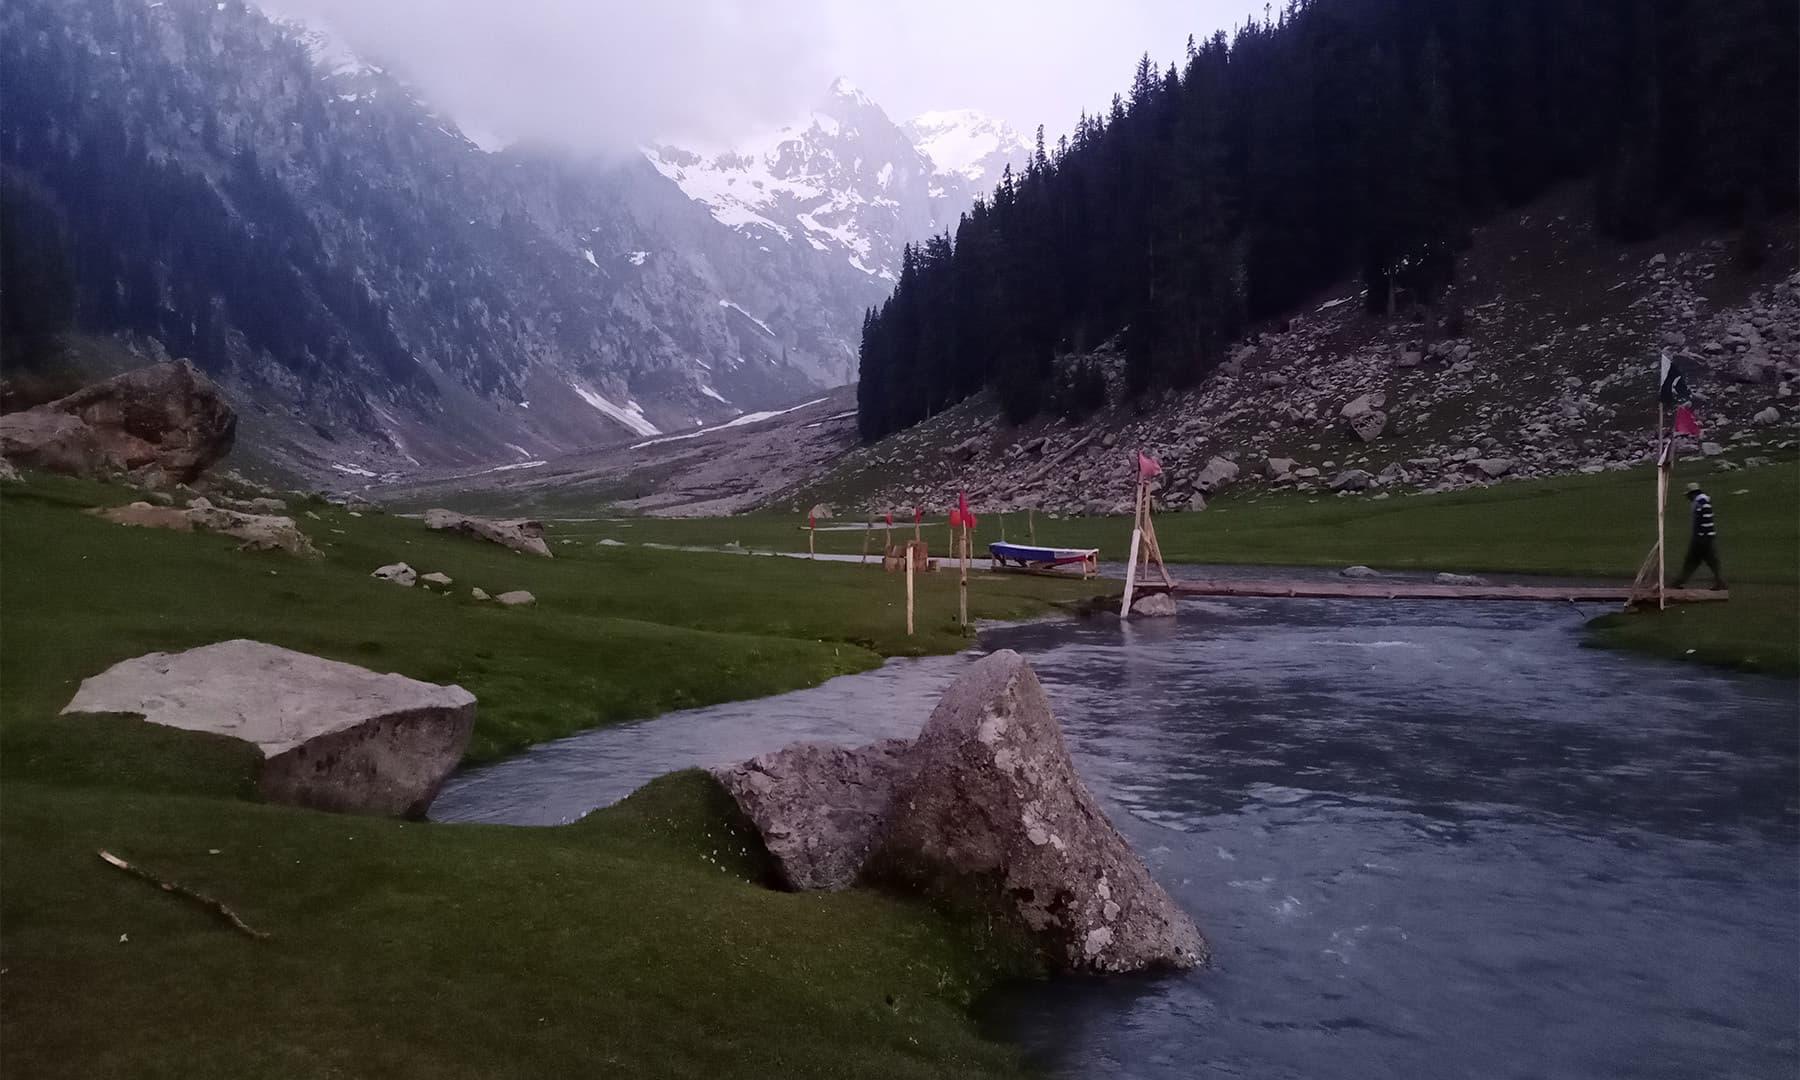 کونڑ بانال — تصویر: عظمت اکبر